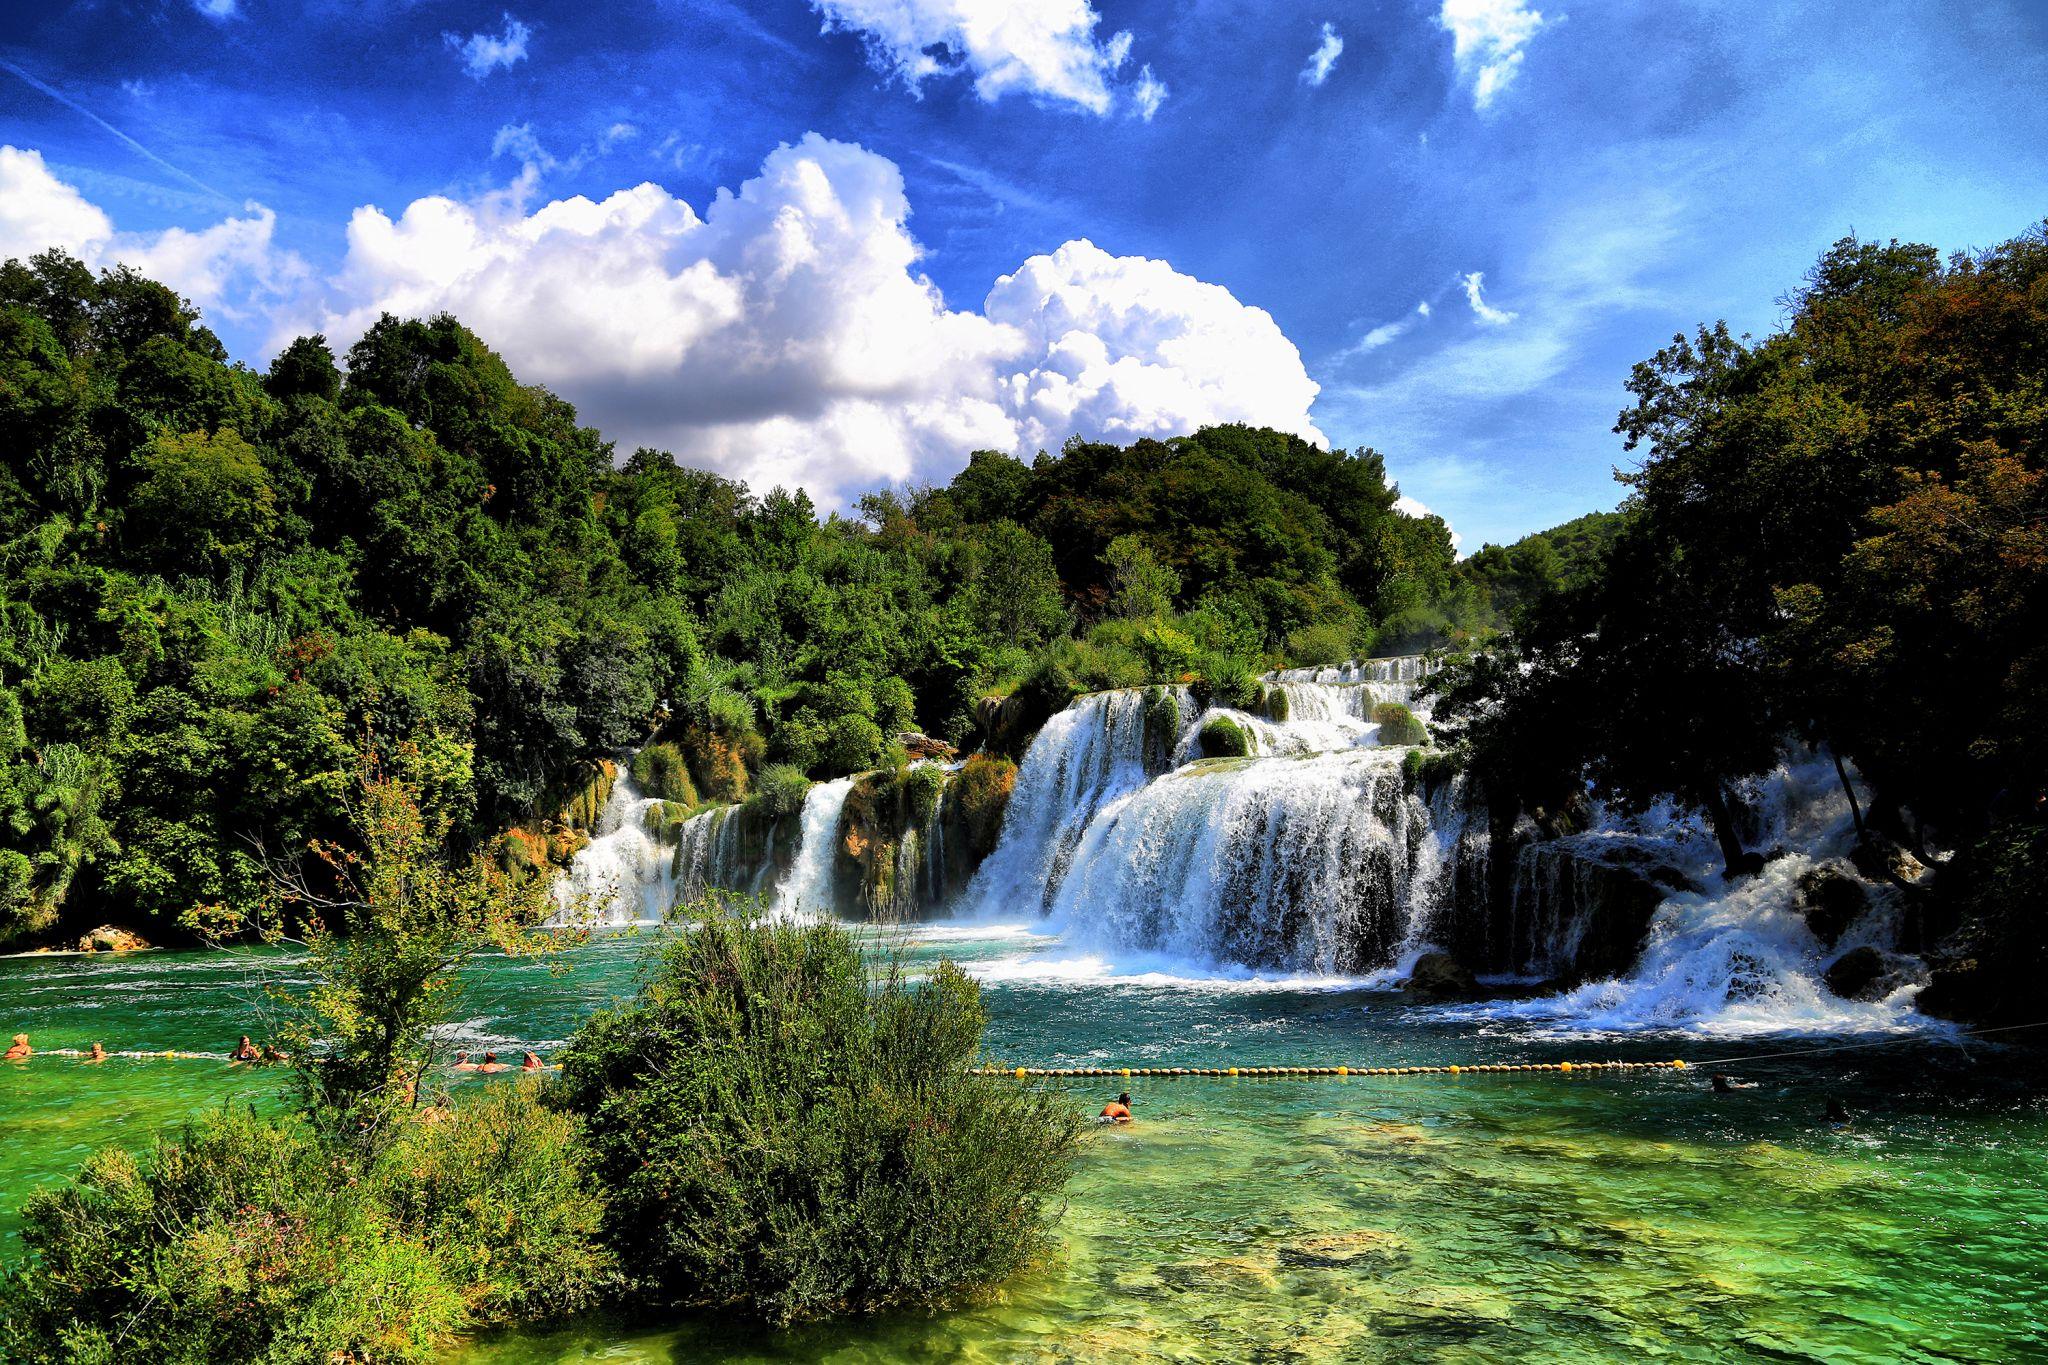 krka waterfall, Croatia, Croatia